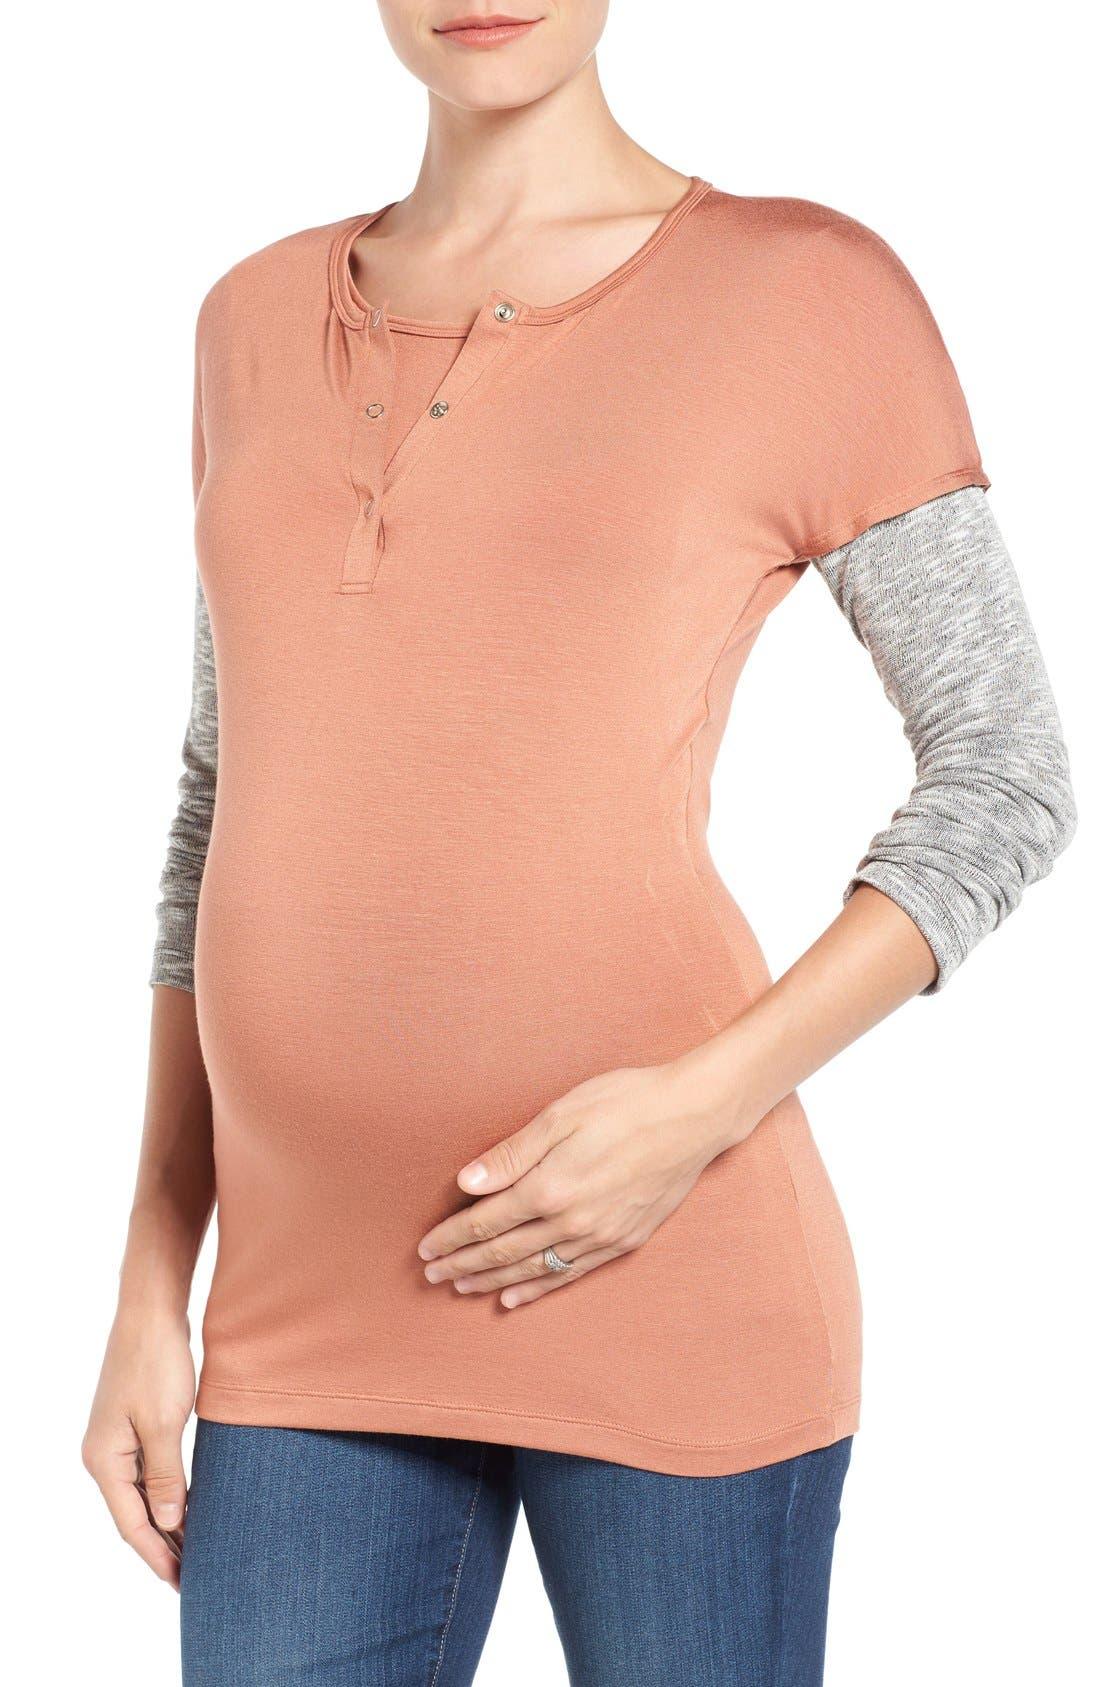 LAB40 'Maya' Maternity/Nursing Top